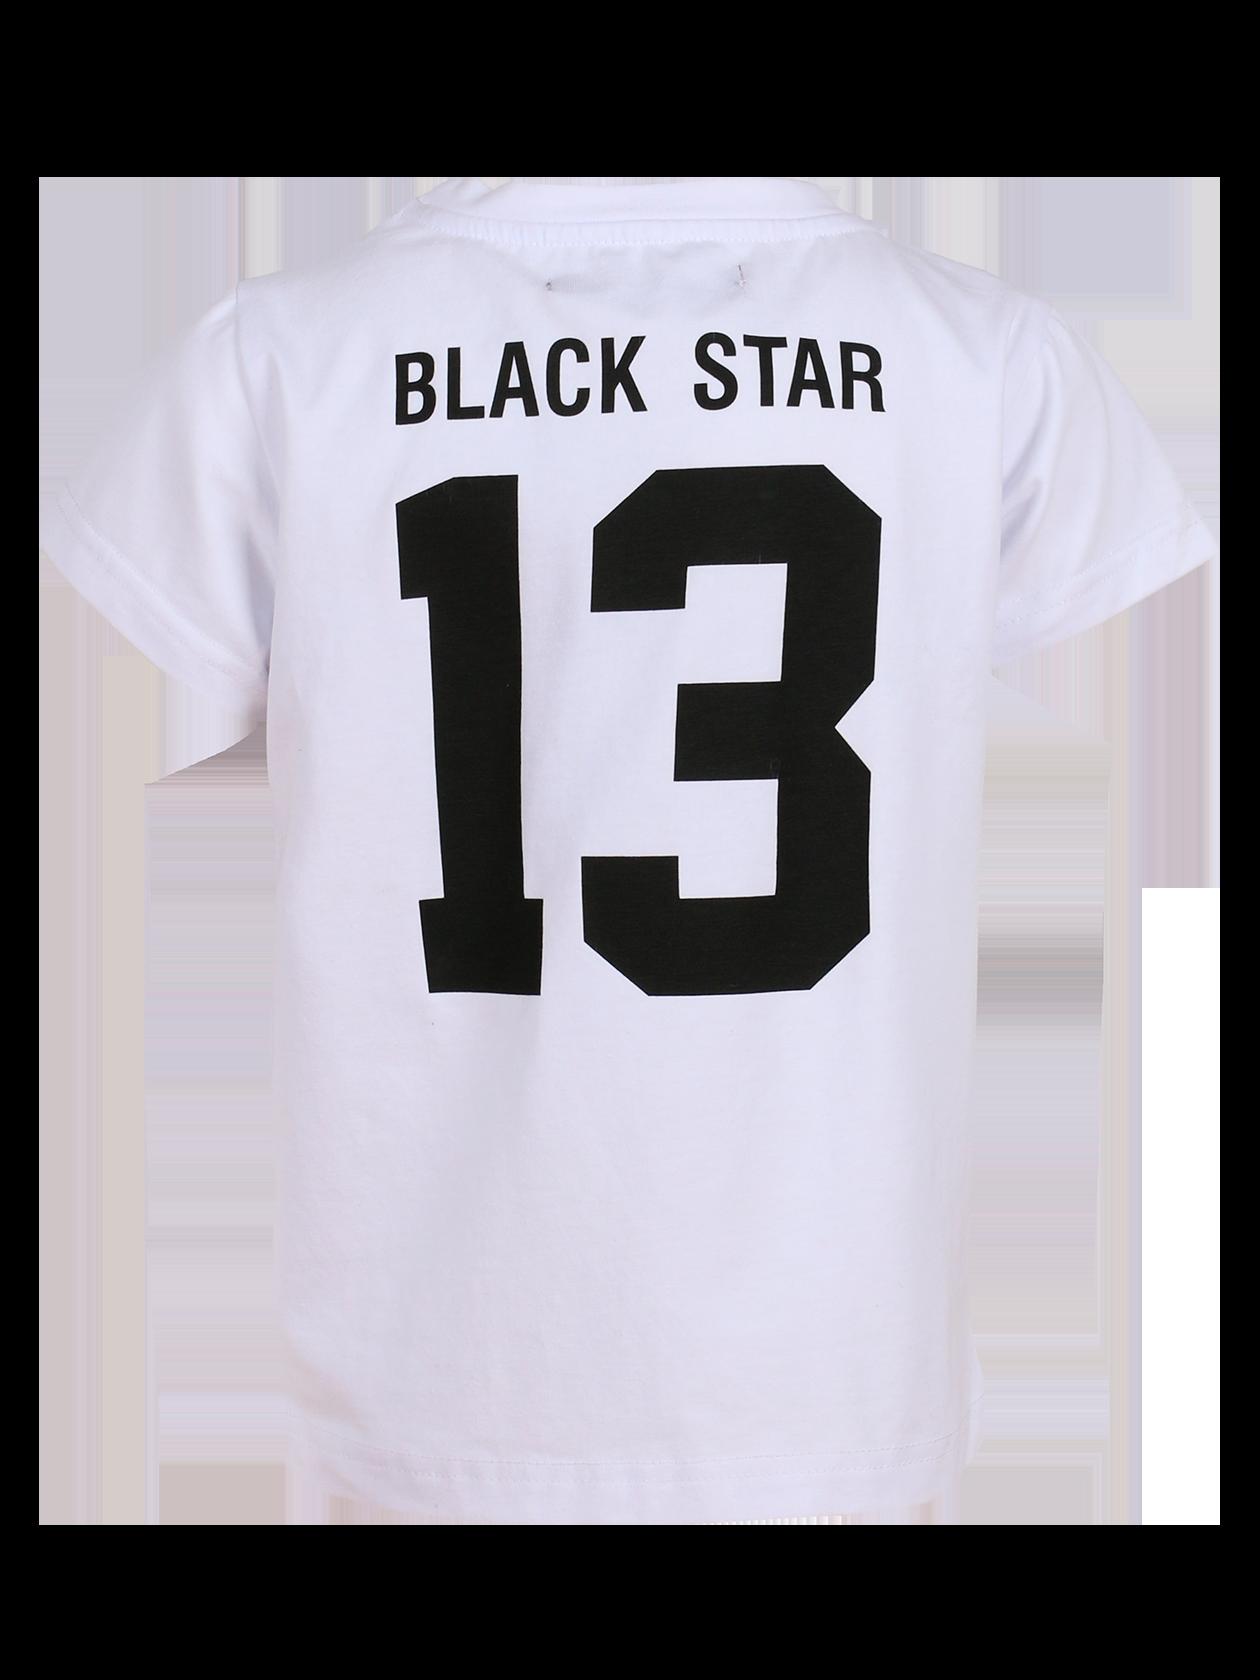 Футболка детская BLACK STAR 13Футболка детская Black Star 13 из новой линии одежды Basic – идеальное сочетание стиля, удобства и комфорта для активных непосед. Базовая модель белого цвета сшита из натурального премиального хлопка. Лаконичный дизайн, прямой свободный крой, укороченный рукав. На спине крупный принт в виде надписи Black Star 13. Внутри на горловине жаккардовый лейбл с логотипом бренда. Специальная цена вас приятно удивит.<br><br>Размер: 9-10 years<br>Цвет: Белый<br>Пол: Унисекс